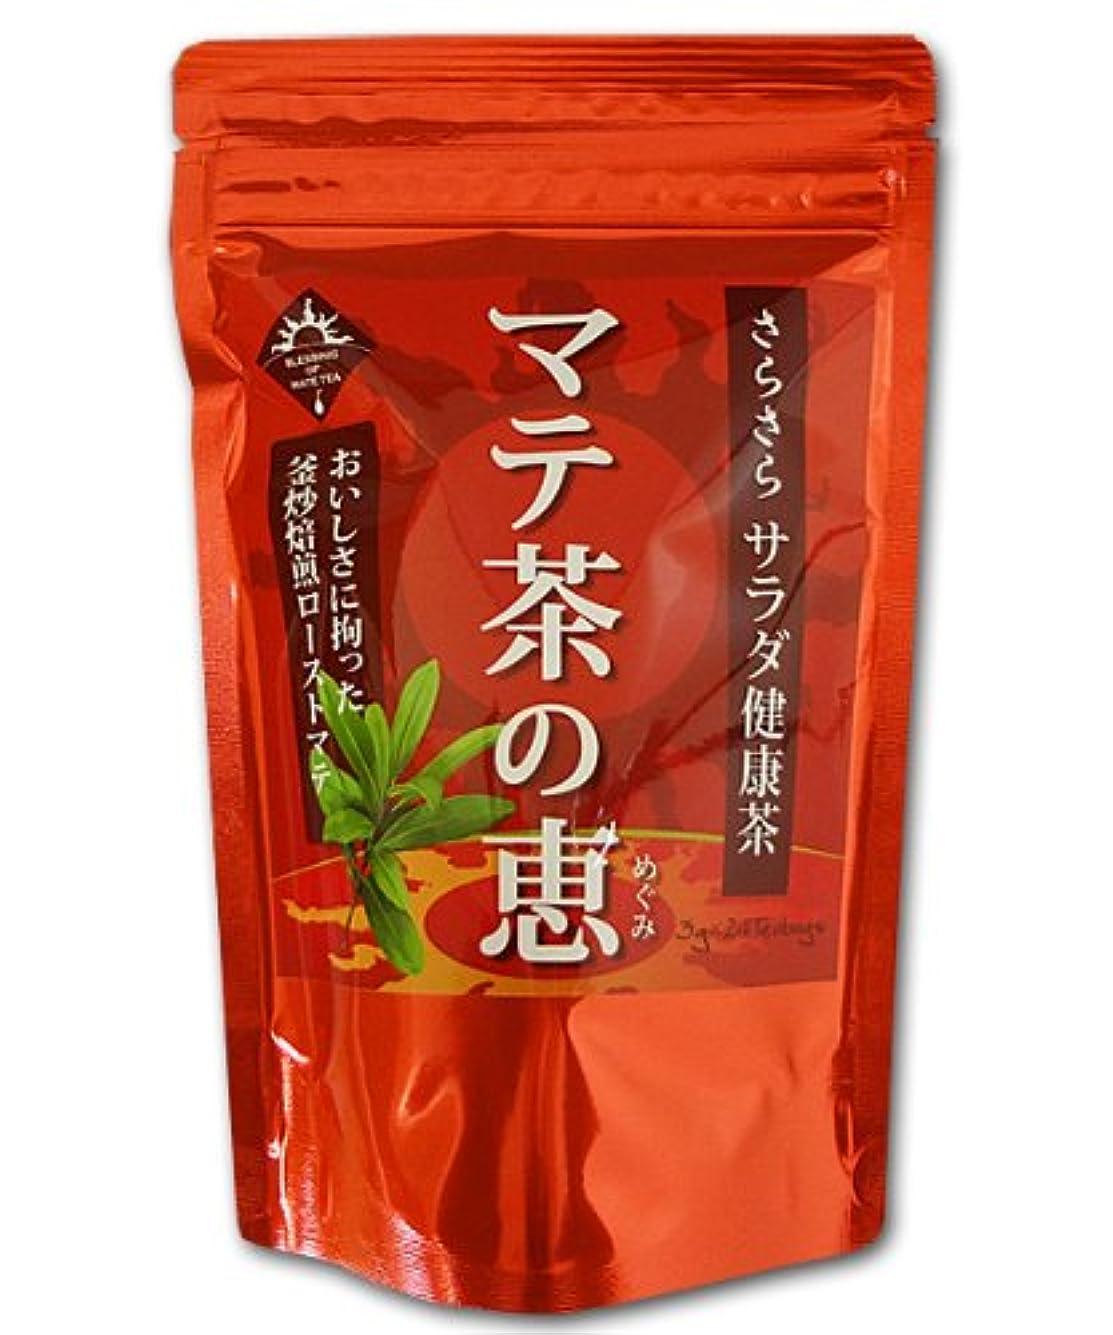 検出器間等しい昭和製薬 マテ茶の恵 3gx24包